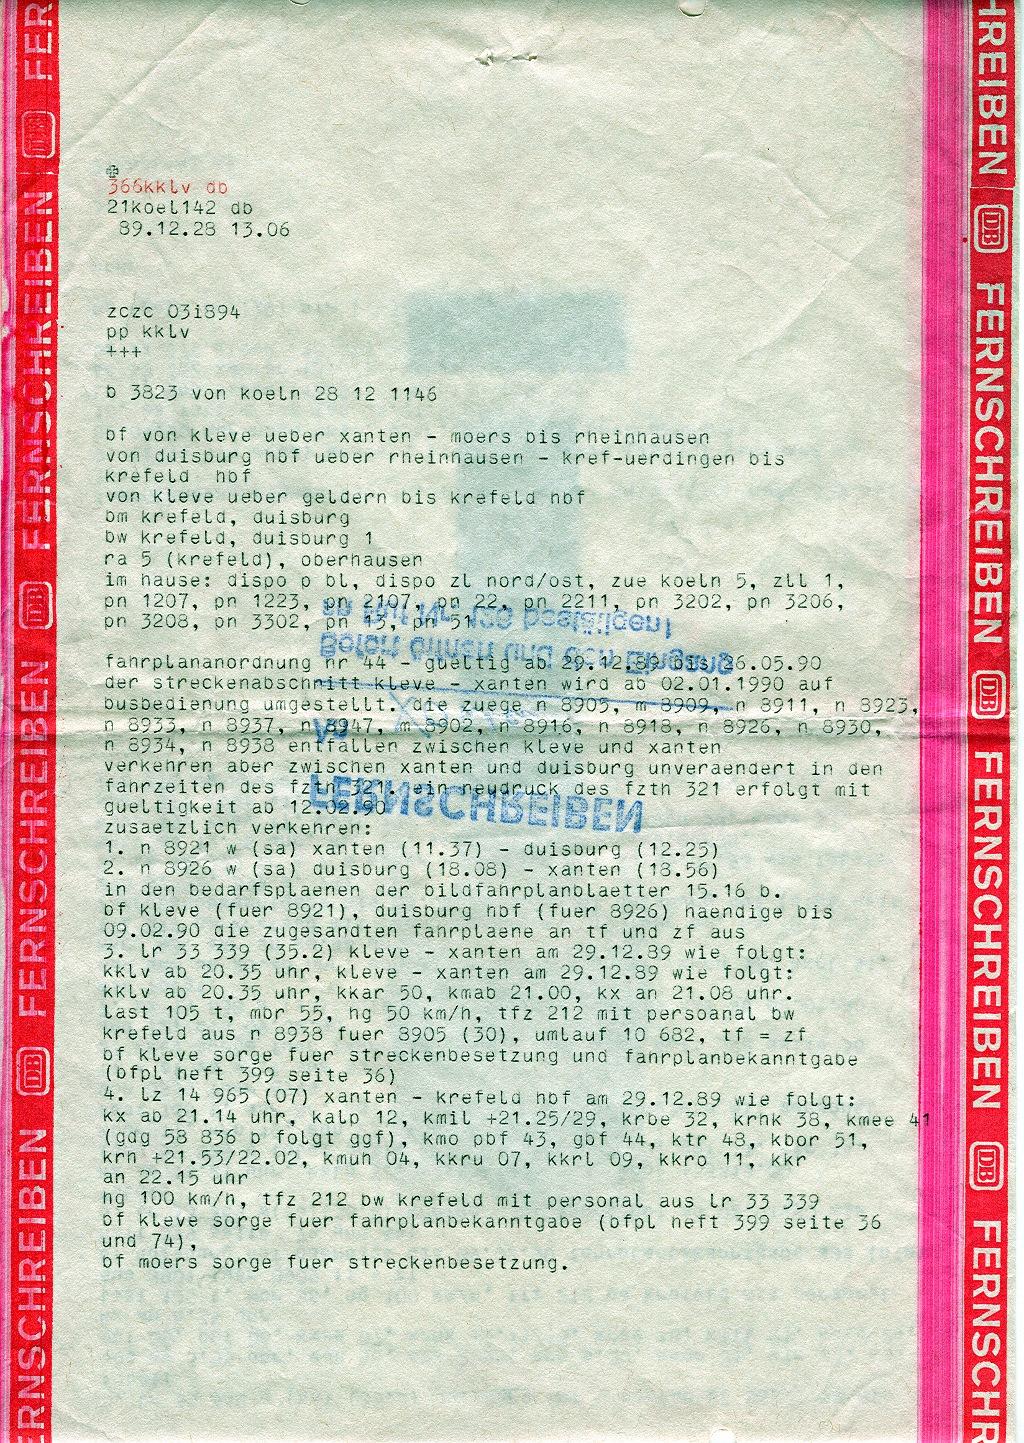 Fernschreiben zur Betriebseinstellung Xanten - Kleve 1989